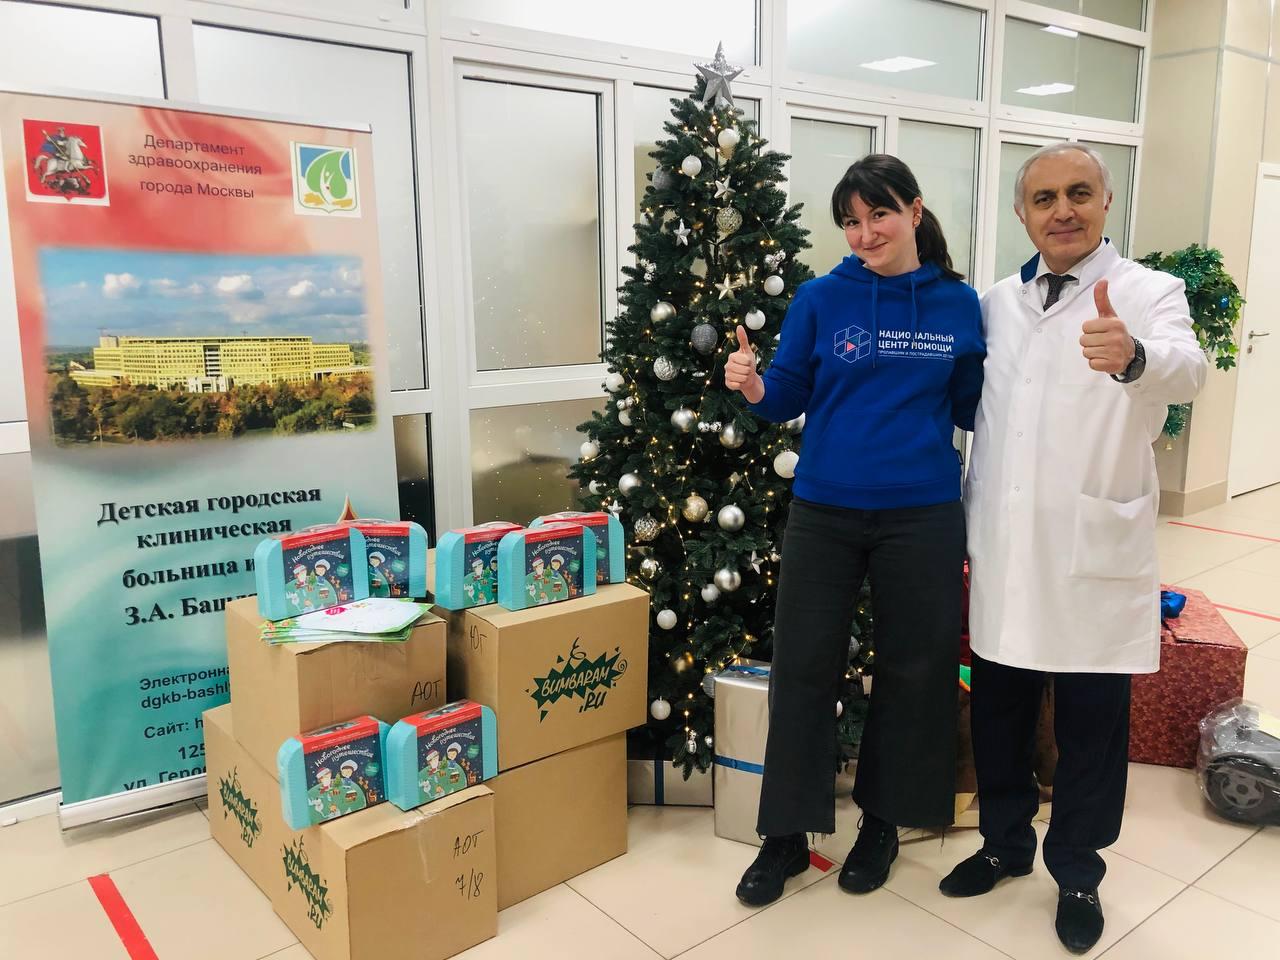 Сегодня в нашей больнице прошло еще одно новогоднее мероприятие для детей, которое провели ученики Курчатовской школы. Ребята привезли для маленьких пациентов свои творческие и другие подарки.